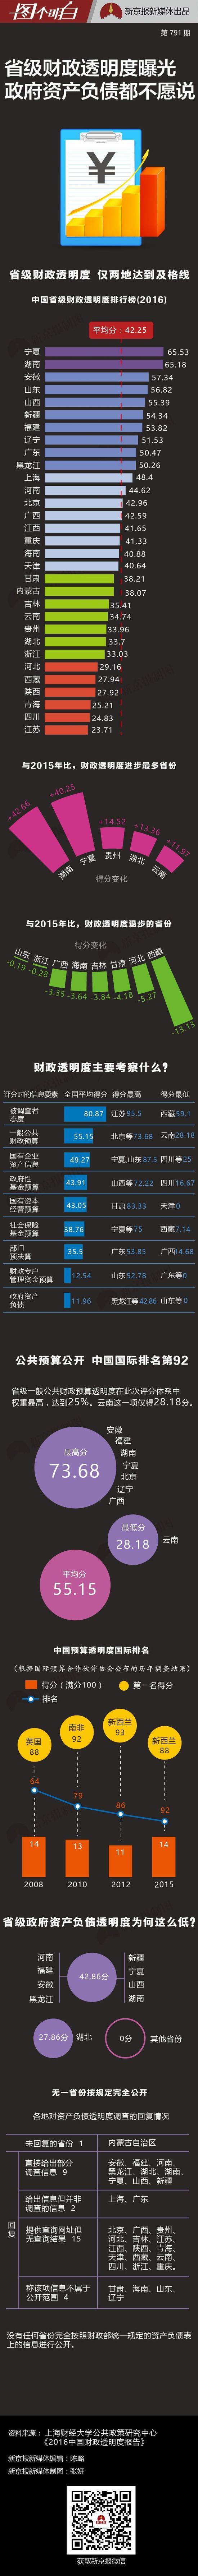 报告披露31个省级政府财政透明度:仅2省及格